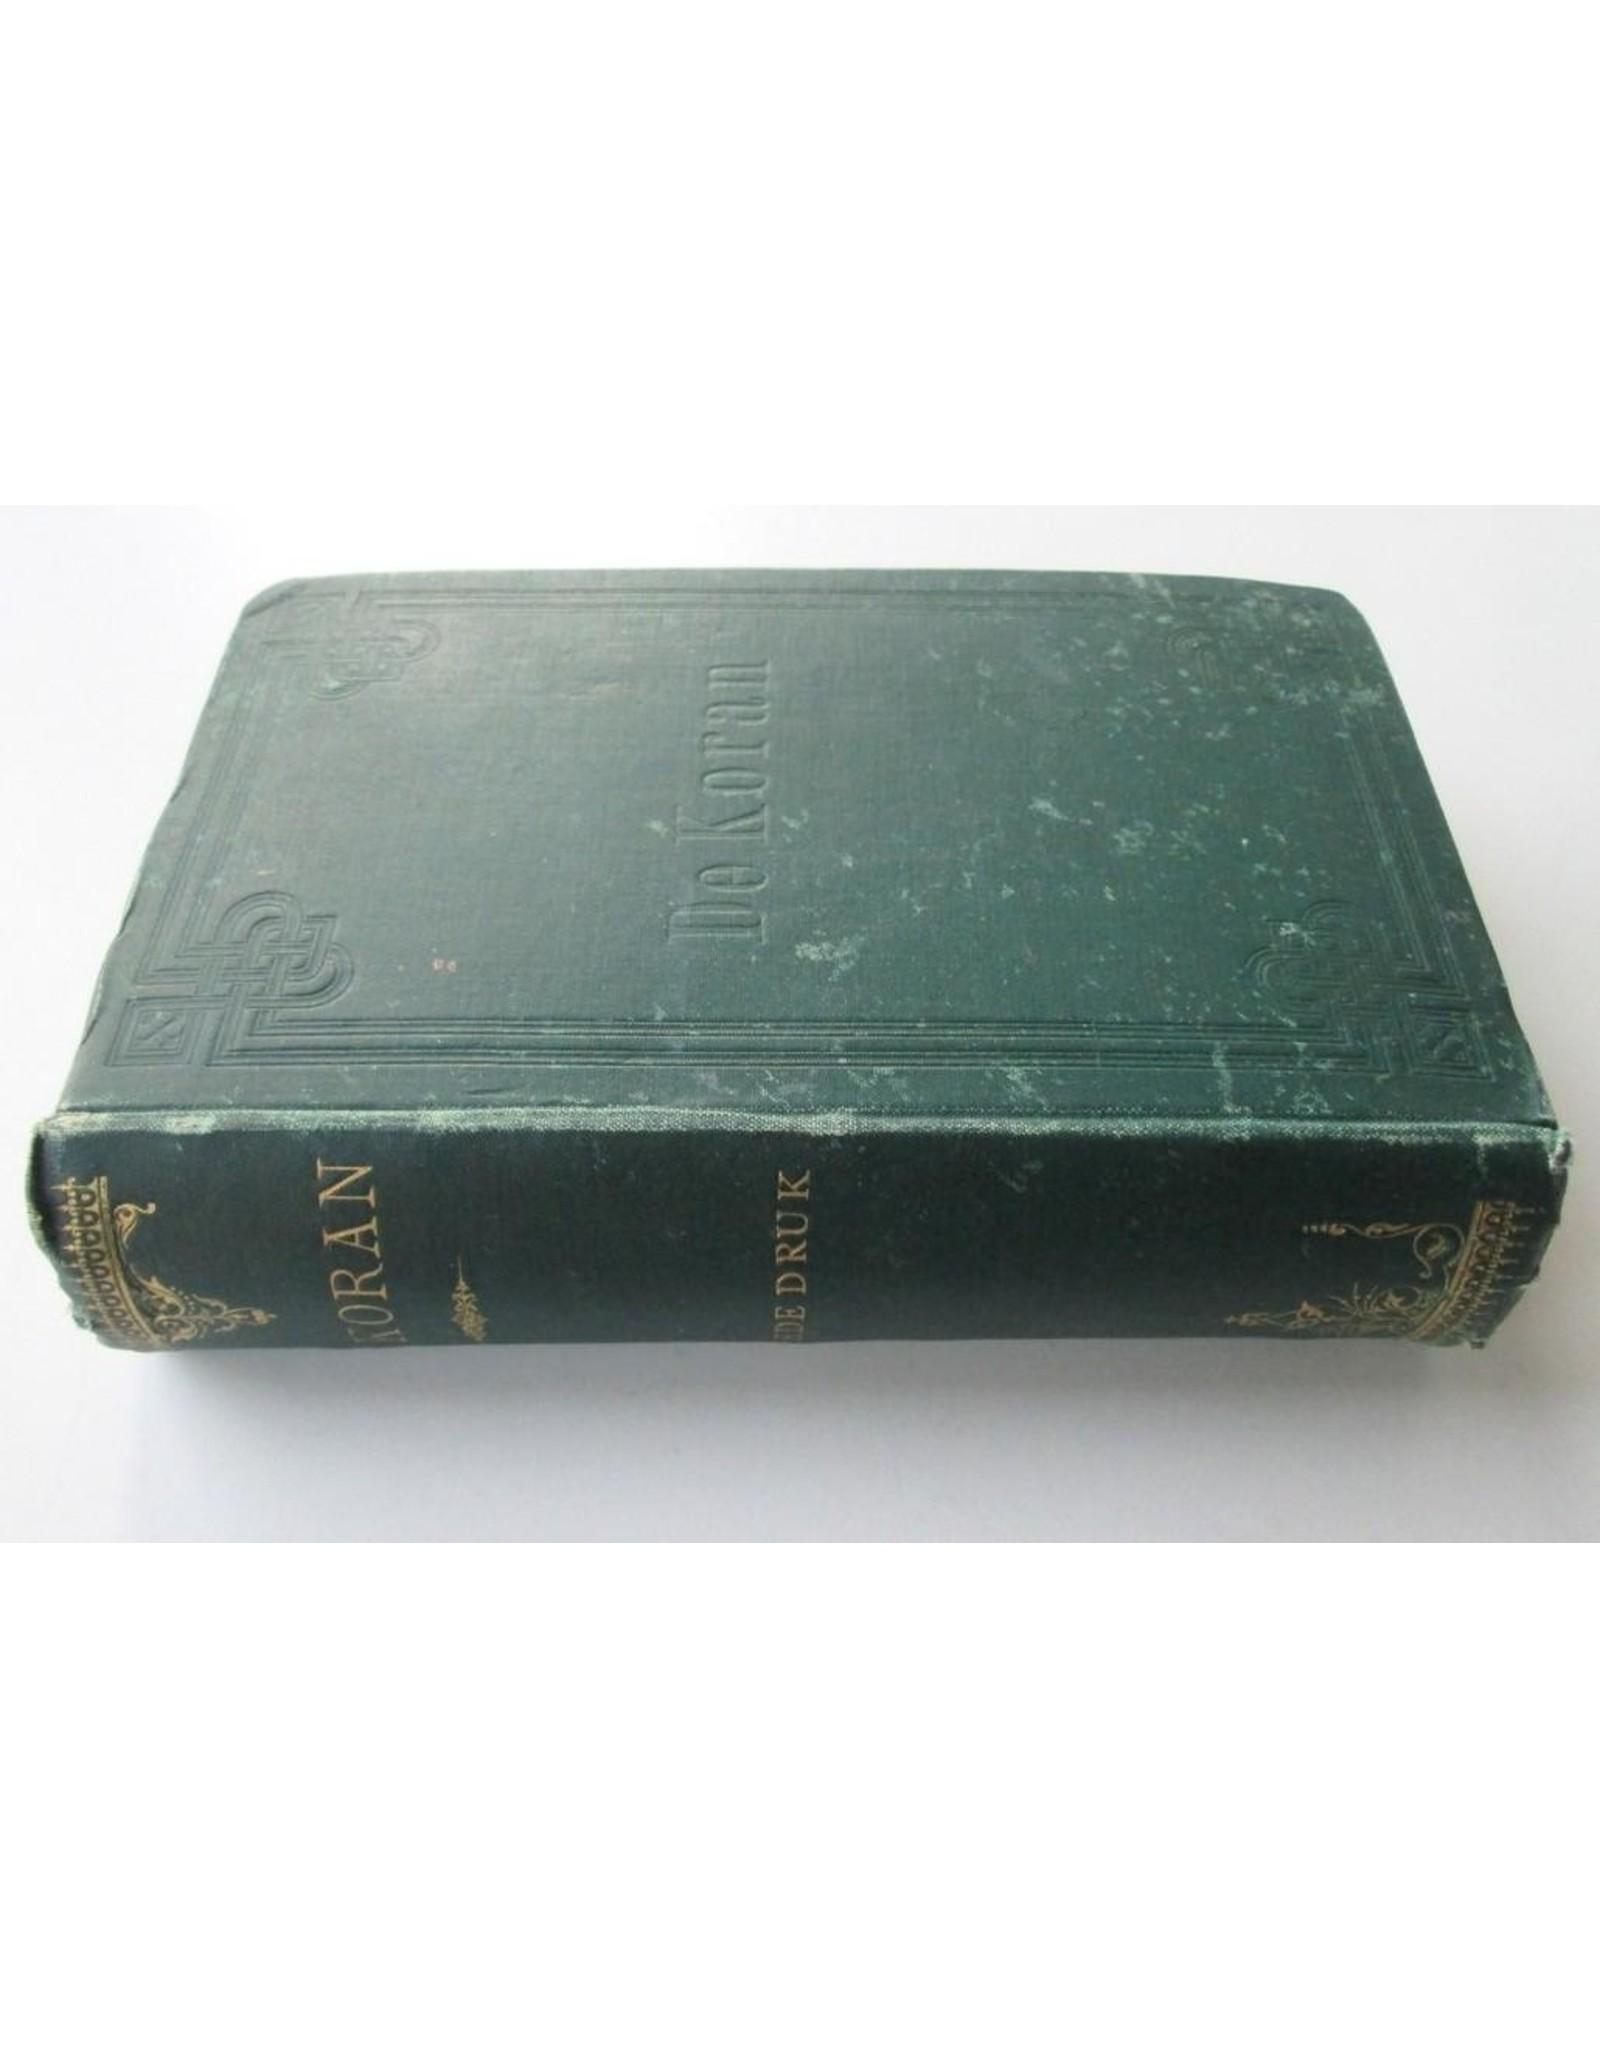 S. Keyzer - De Koran, voorafgegaan door het leven van Mahomed [...] Tweede druk